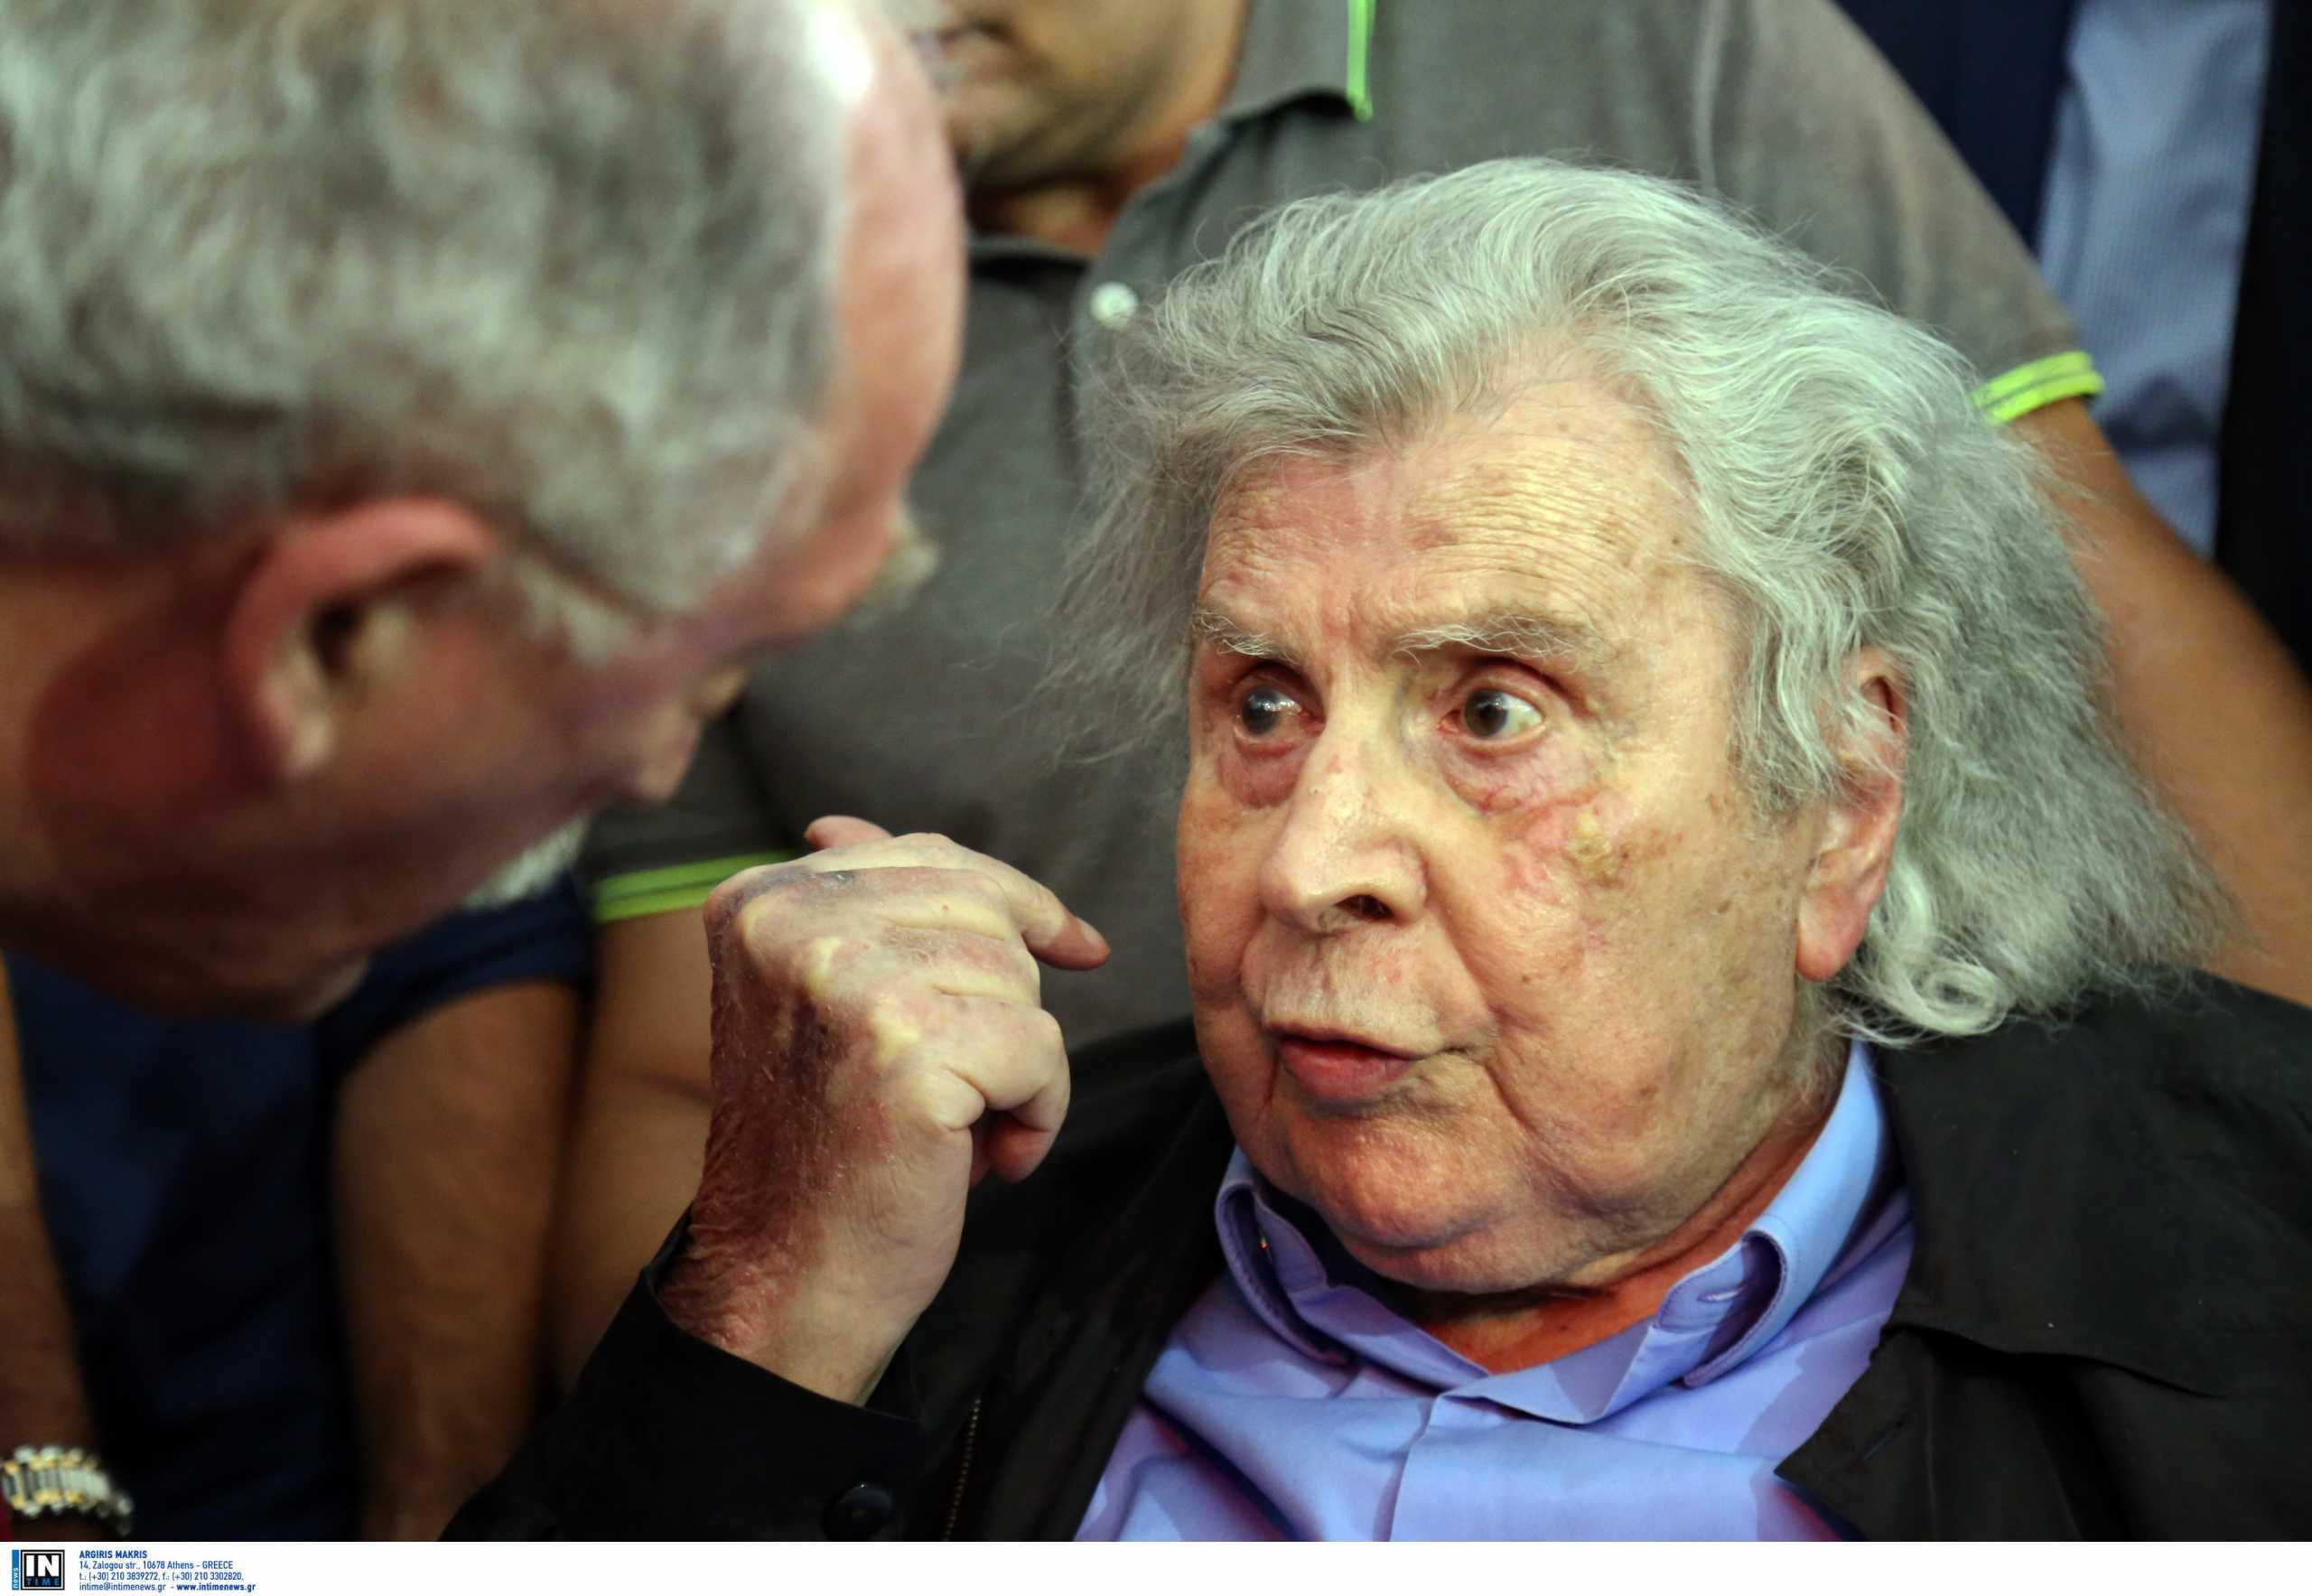 Μίκης Θεοδωράκης – ΠΑΕ ΑΕΚ: «Είχε κατακτήσει την αθανασία, πριν από τον θάνατο»